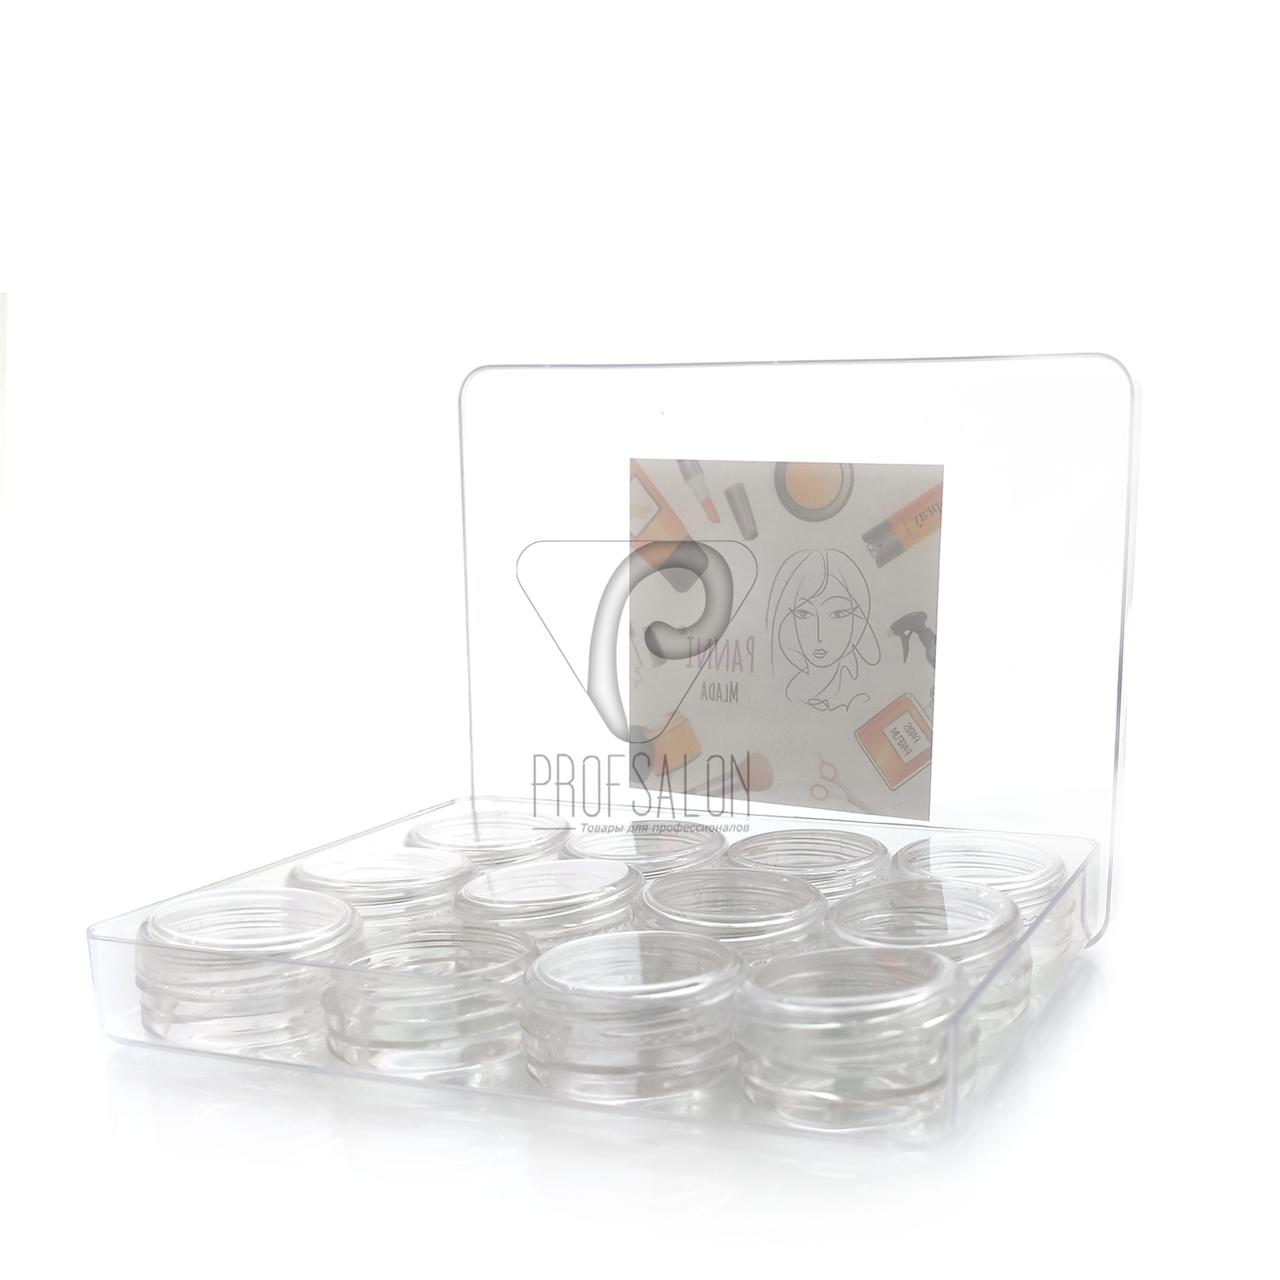 Набор баночек косметических в боксе (12 шт) Объем: 3 g Цвет: прозрачный